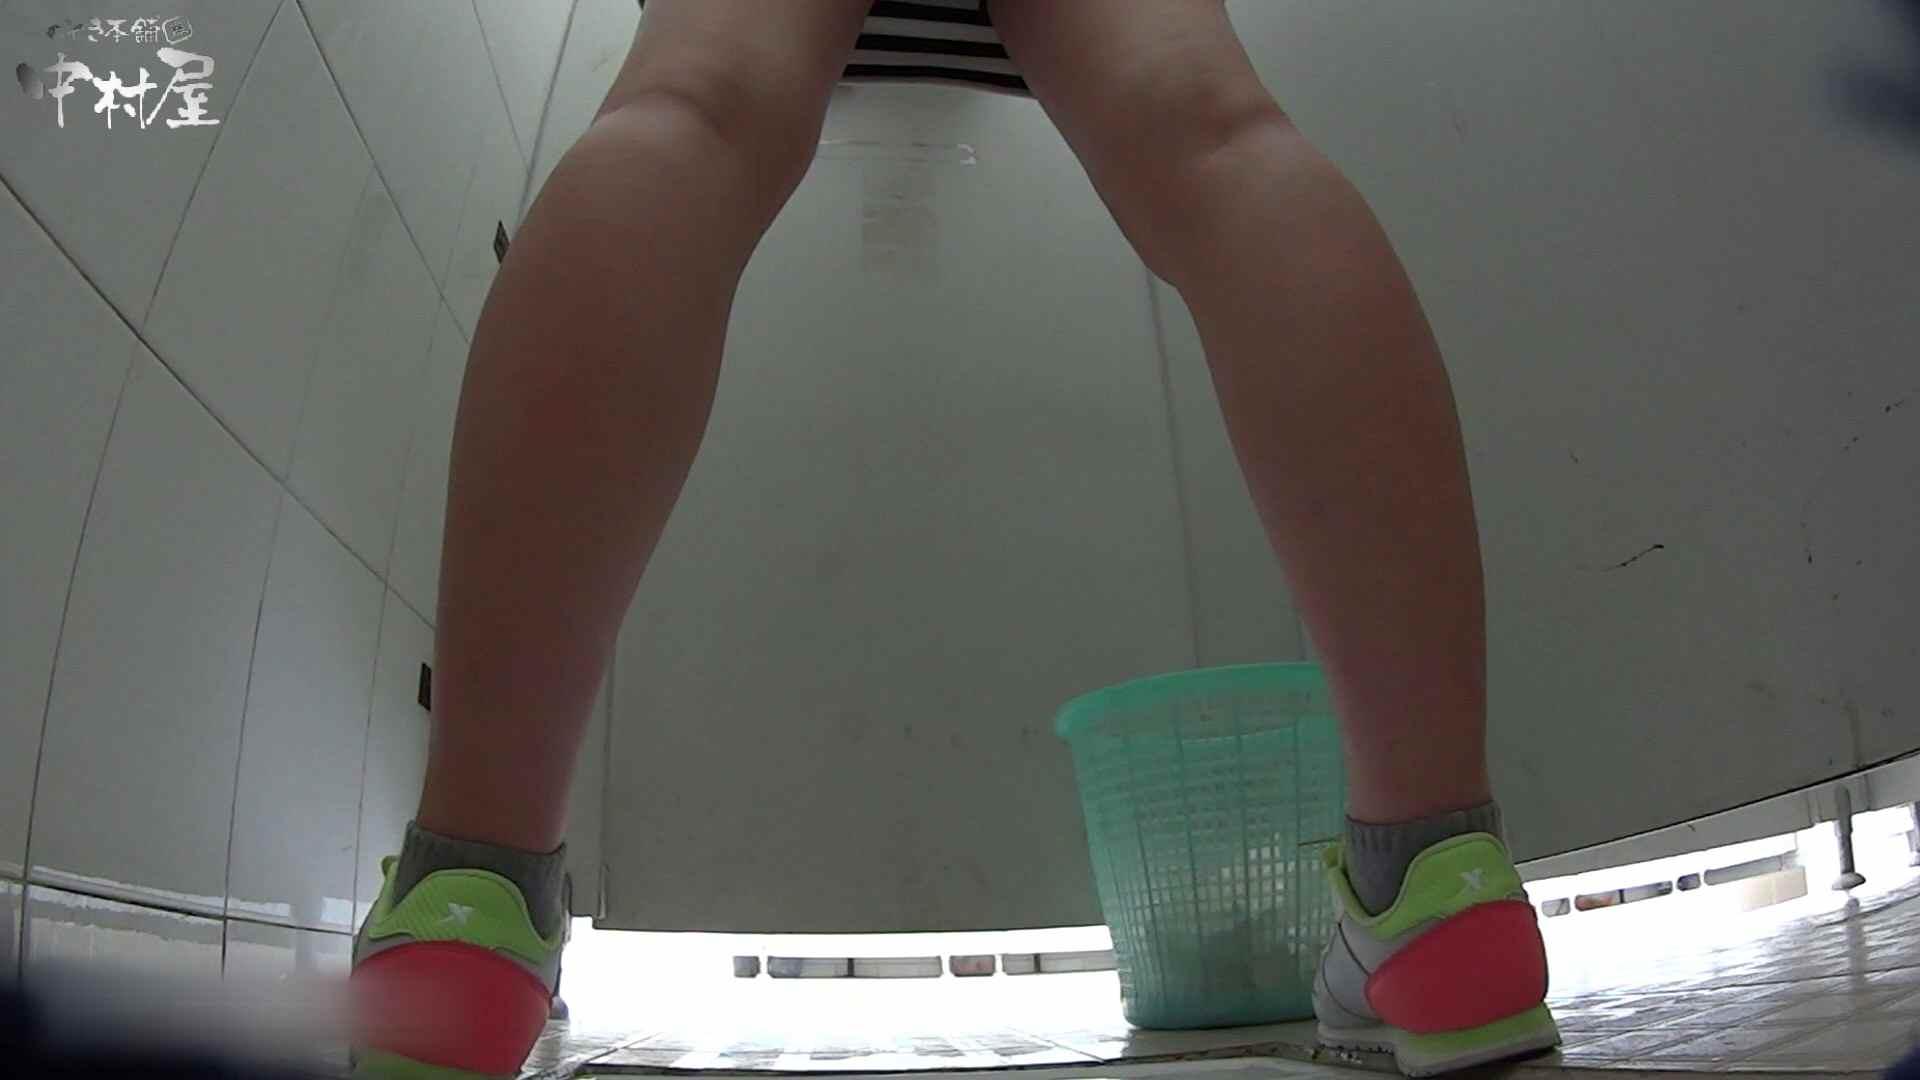 美しい女良たちのトイレ事情 有名大学休憩時間の洗面所事情06 お姉さんのエロ生活 のぞき動画画像 47連発 47